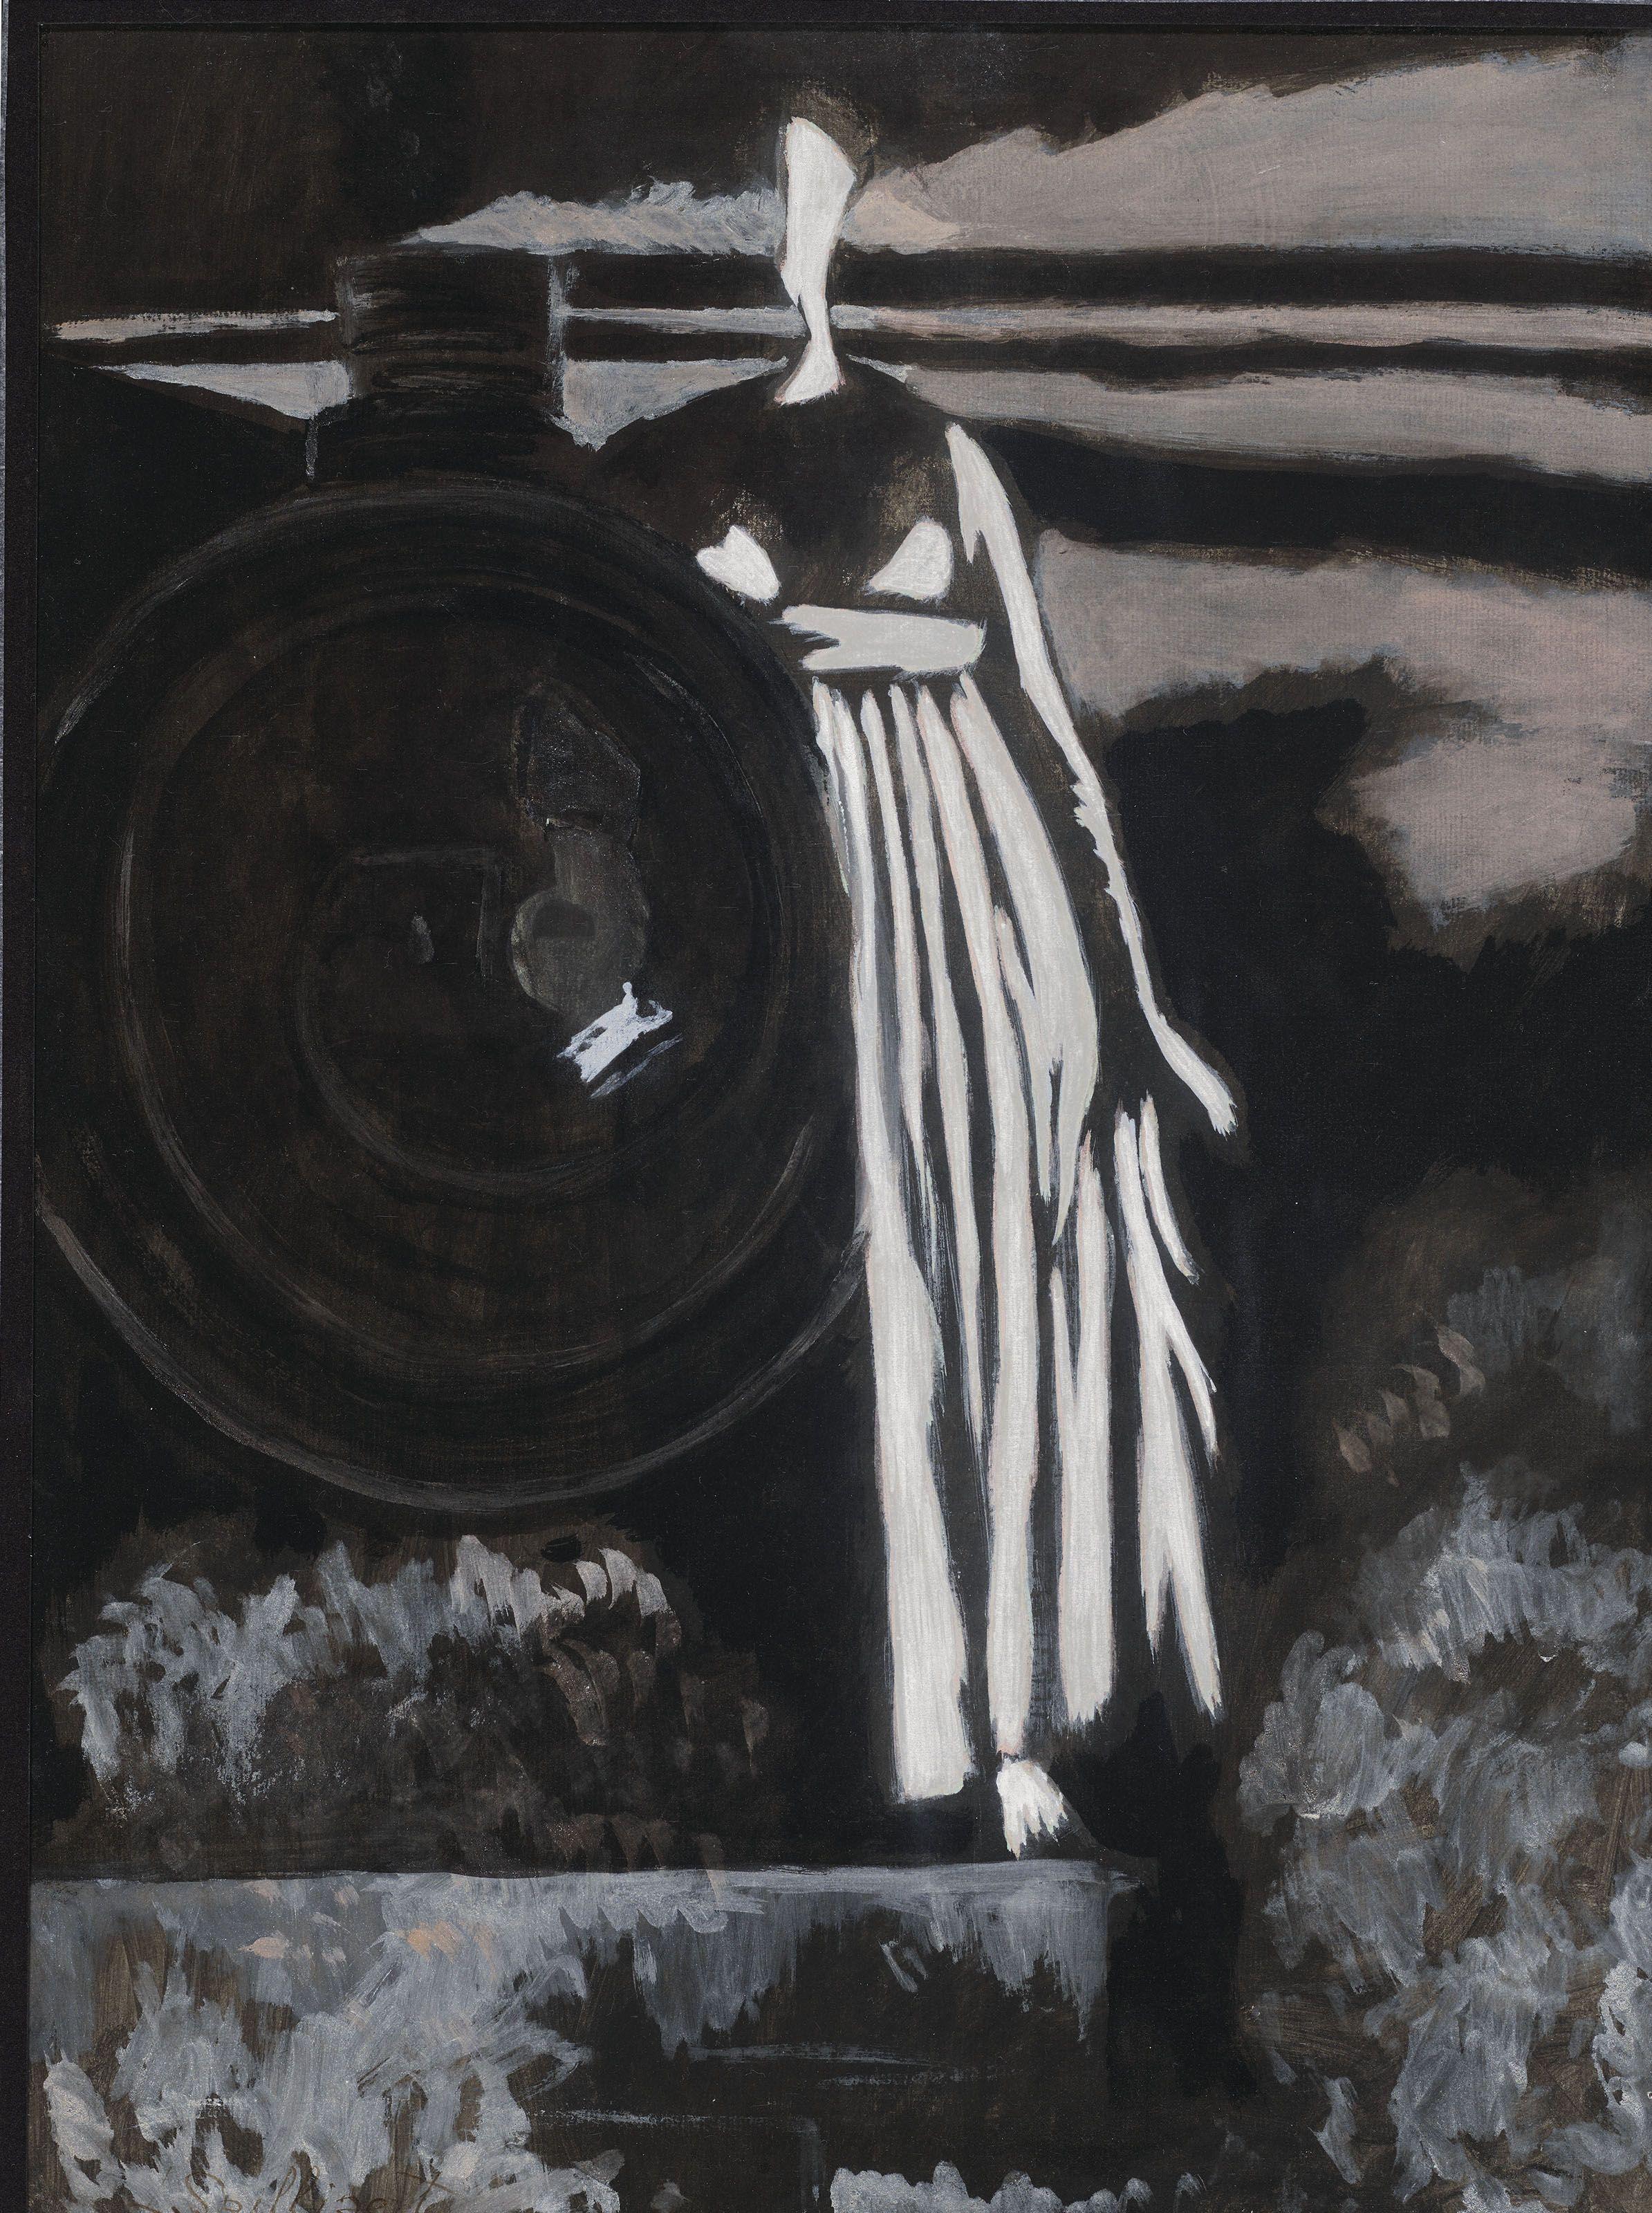 Pin on Leon Spilliaert 18811946